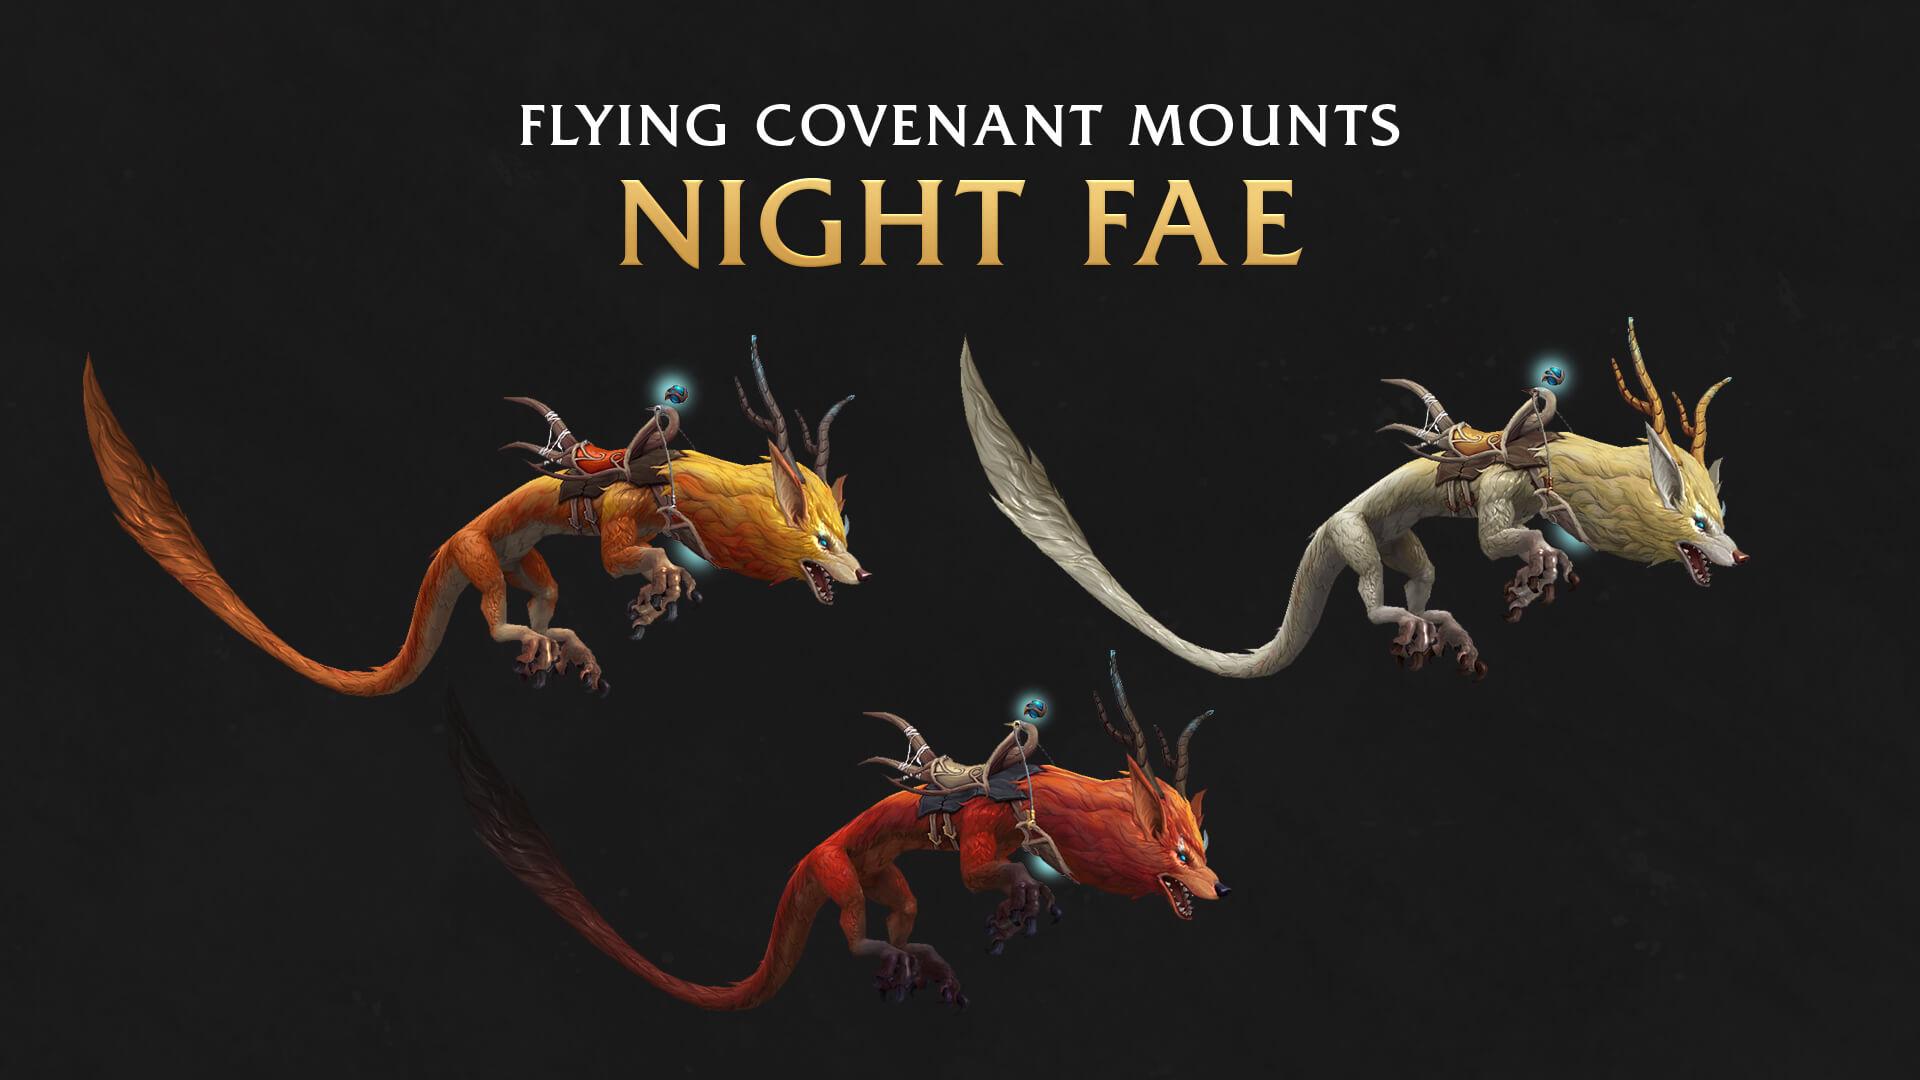 Летающие маунты ковенанта Ночного народца